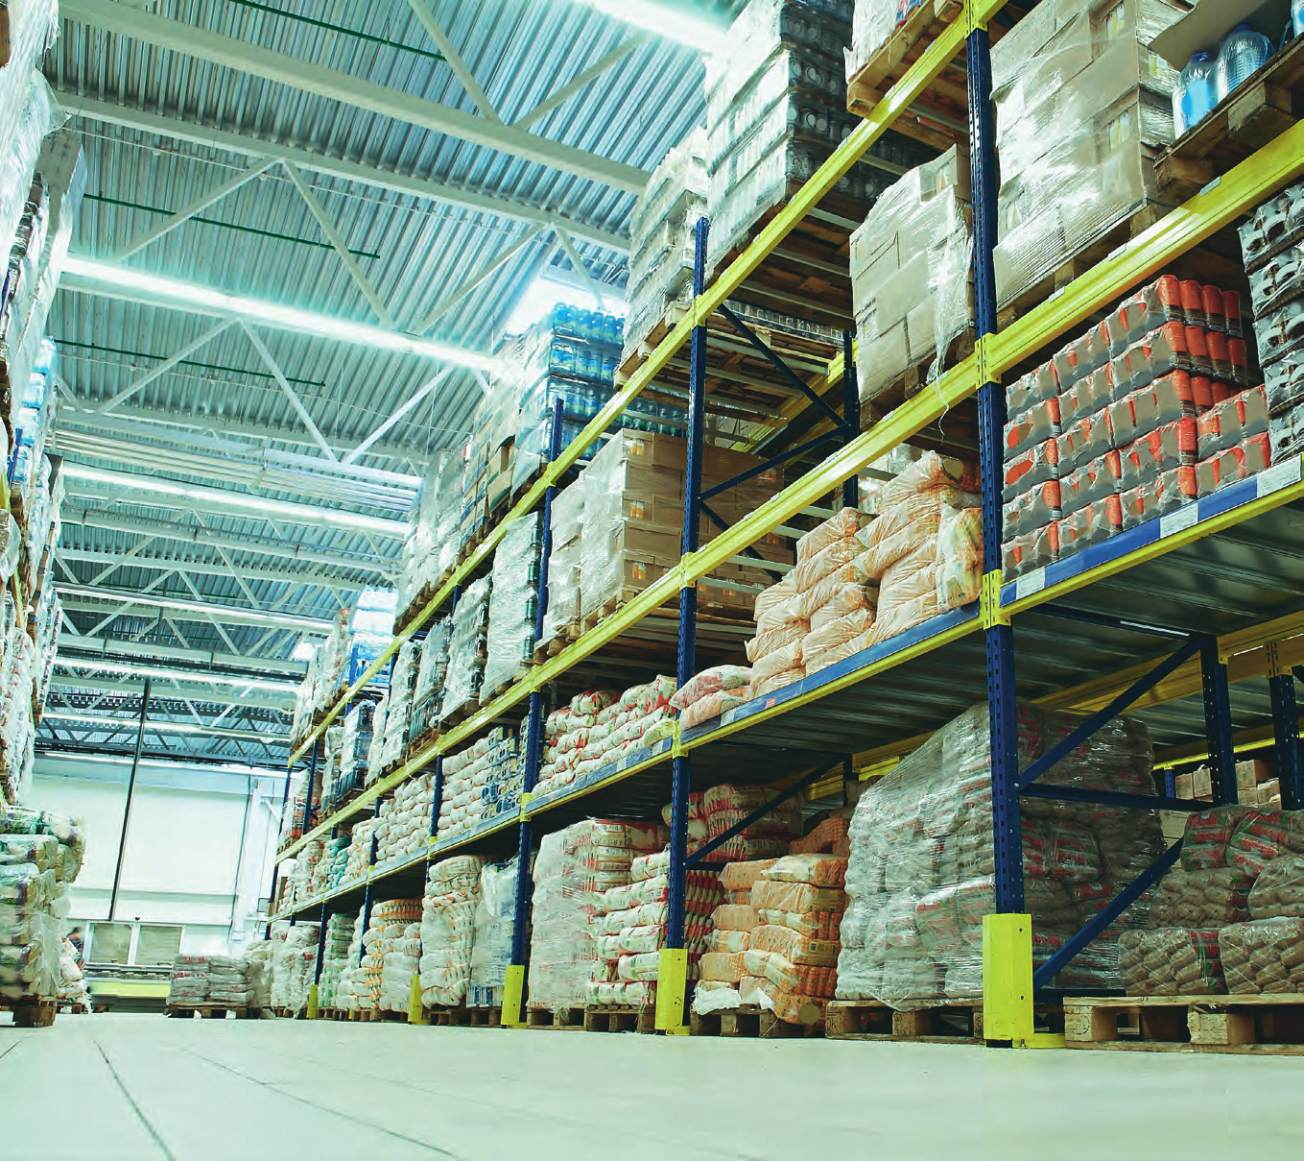 Mysłowice, Мысловицы, работать на складе, работа на складе в Польше, складская продукция